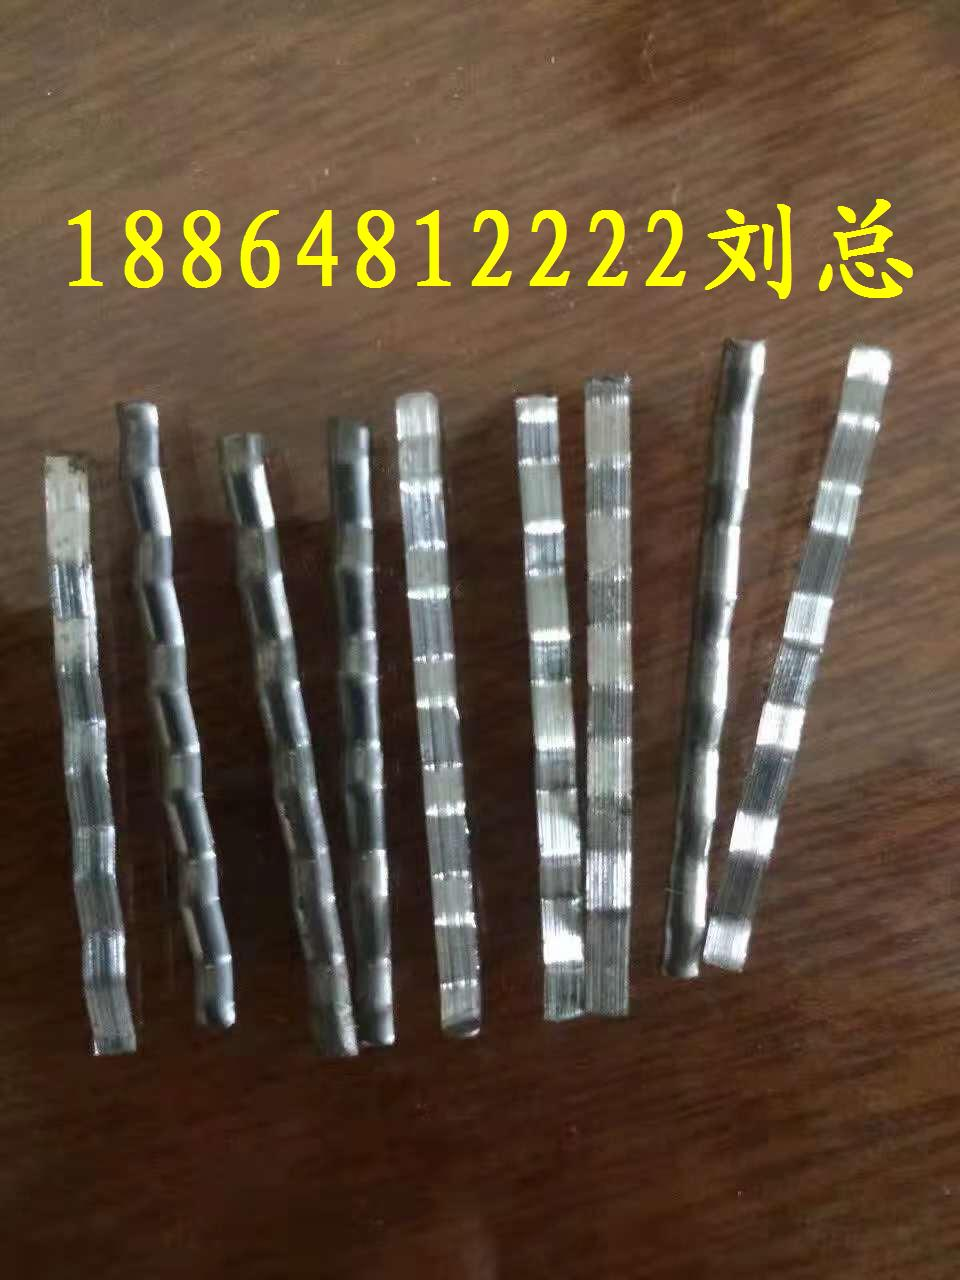 吉安玻璃纤维筋厂玻璃纤维筋厂软式透水管